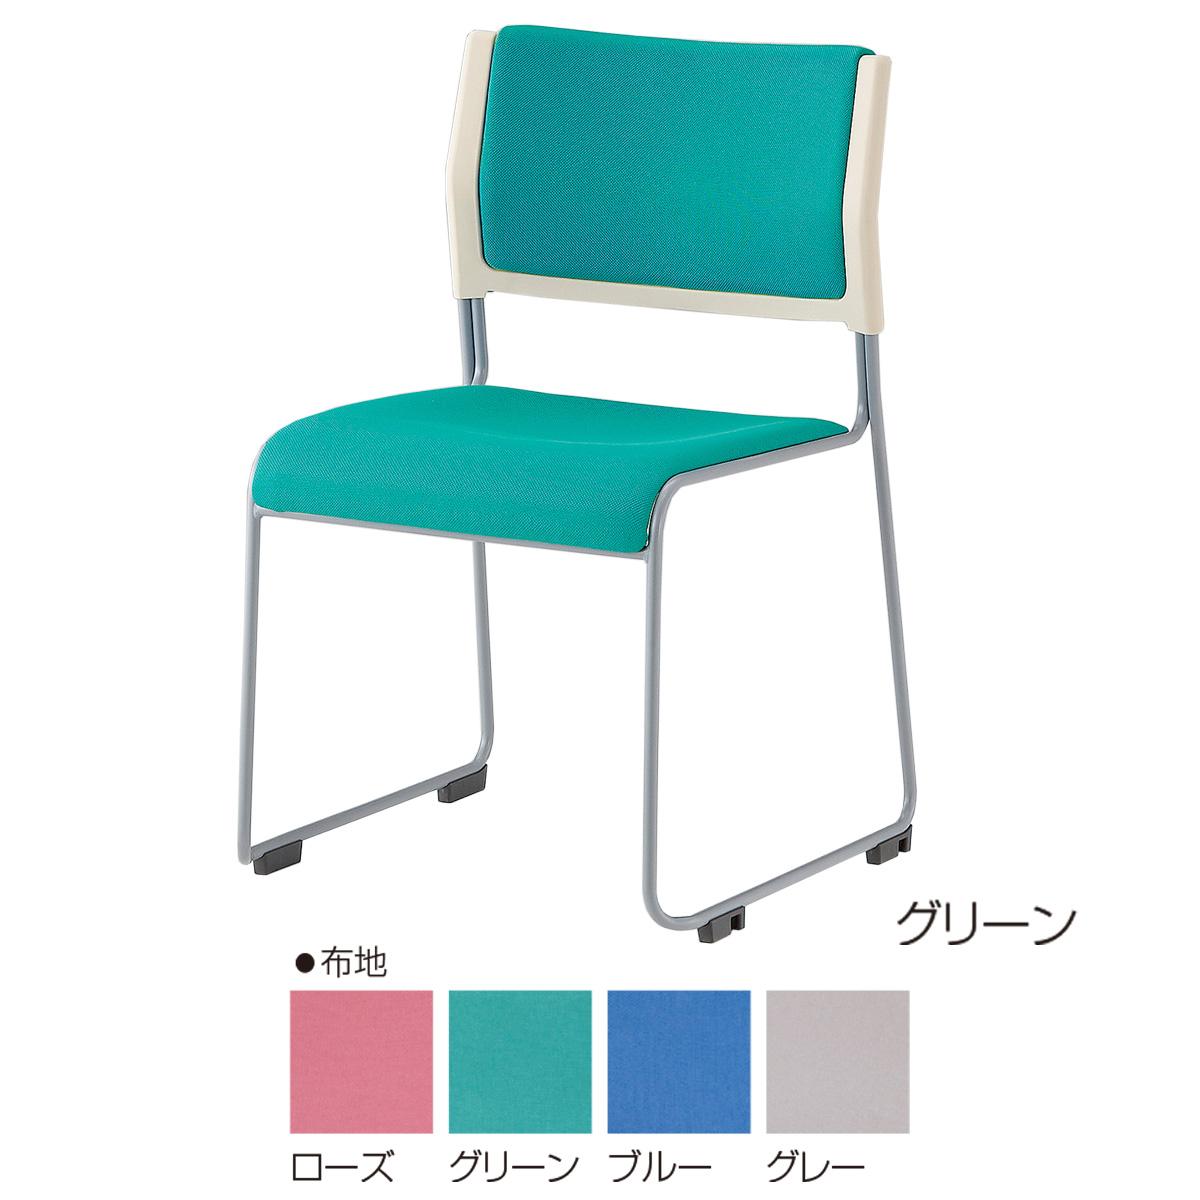 ミーティングチェア スタッキングチェア 会議用椅子 | 【4脚セット】 I-LTS-110P-F